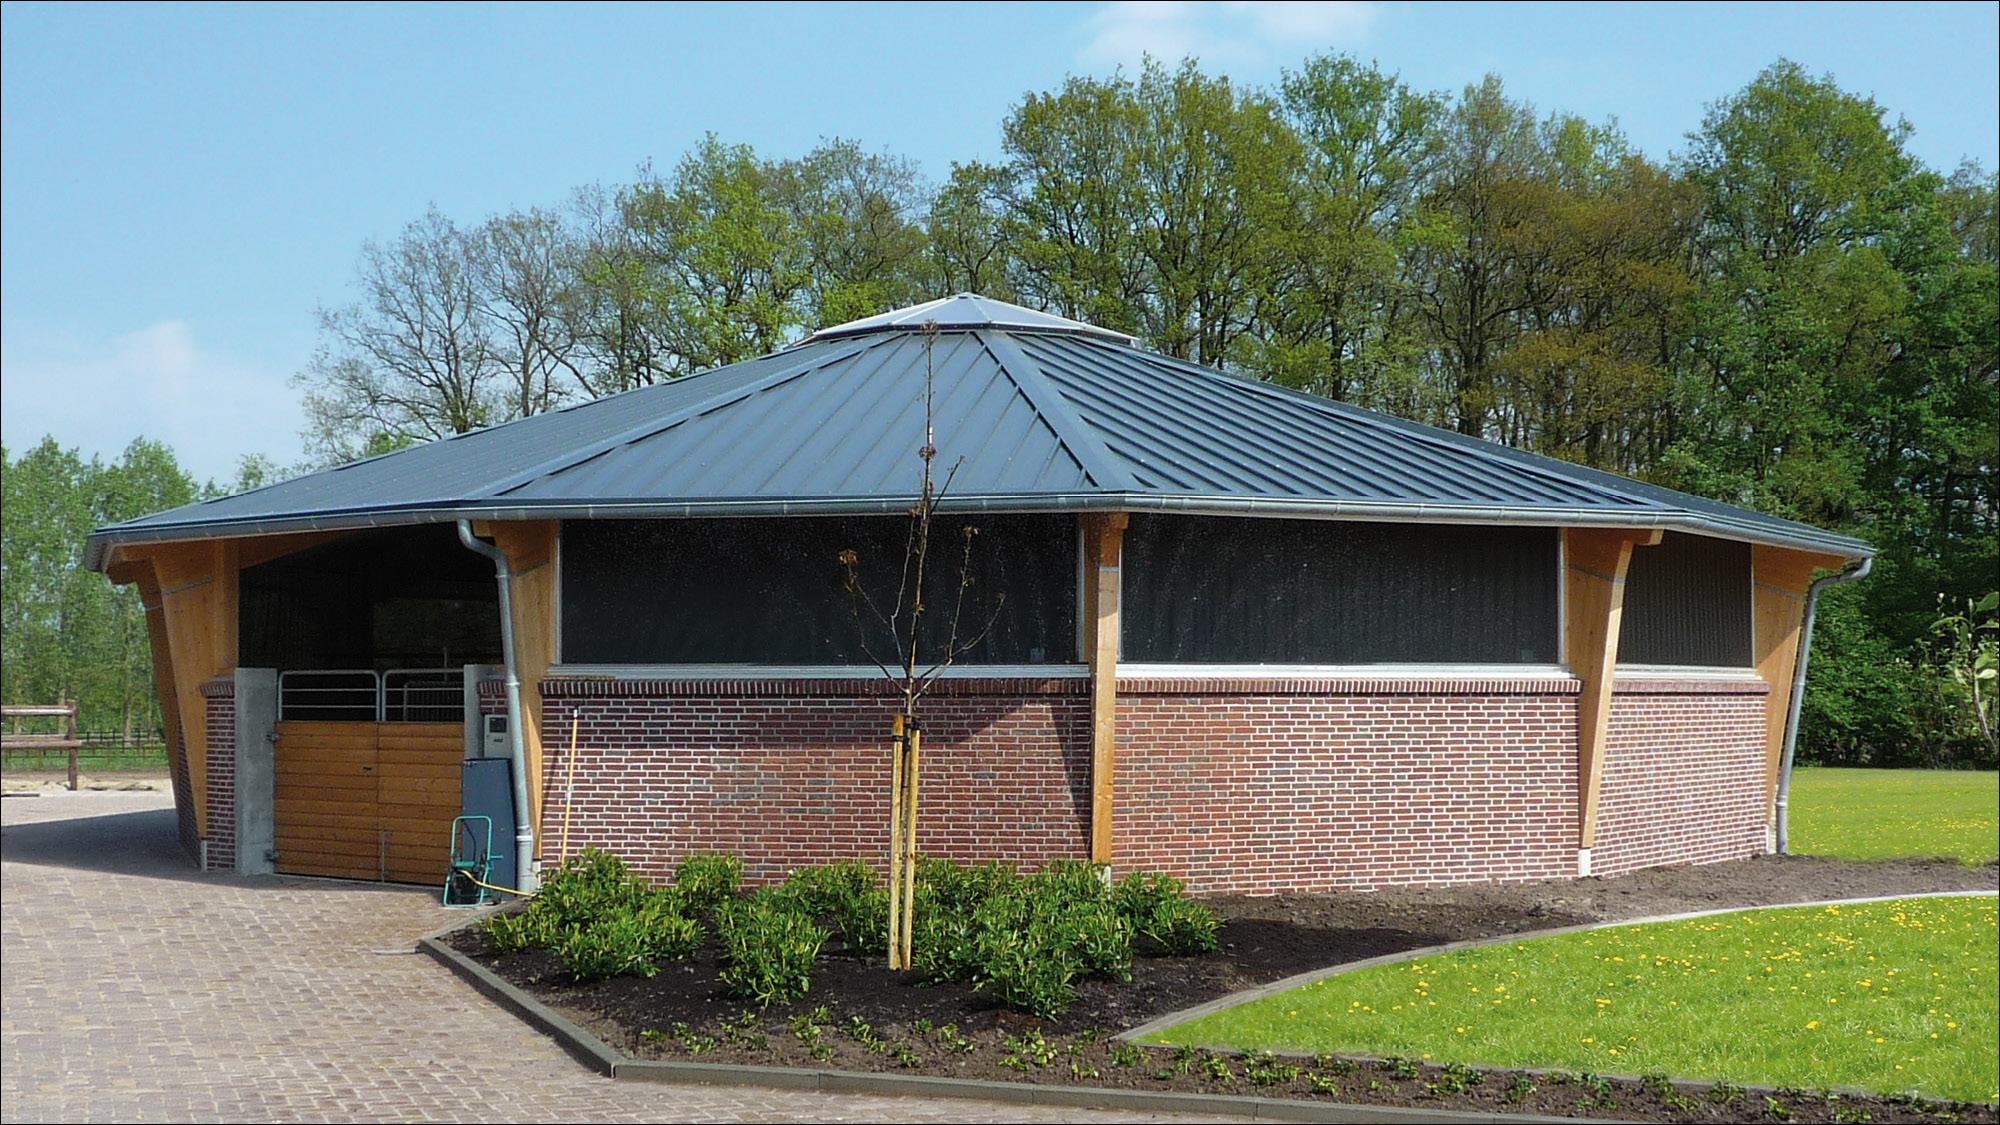 oosterbrook-niederlande-reitanlagenbau-fuegranlage-2011-12